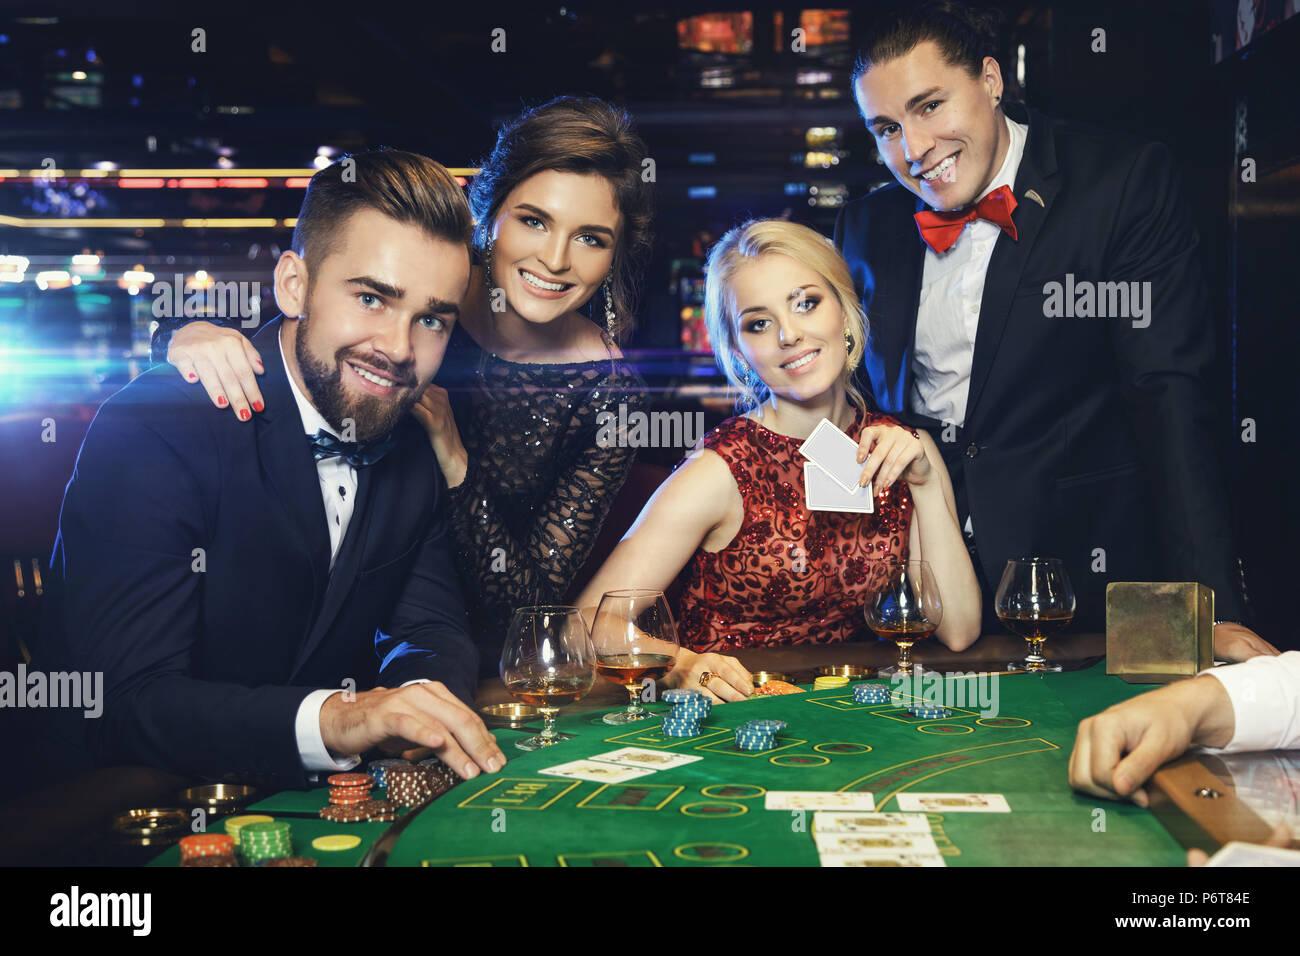 Казино на жизни людей честное казино ра играть онлайн